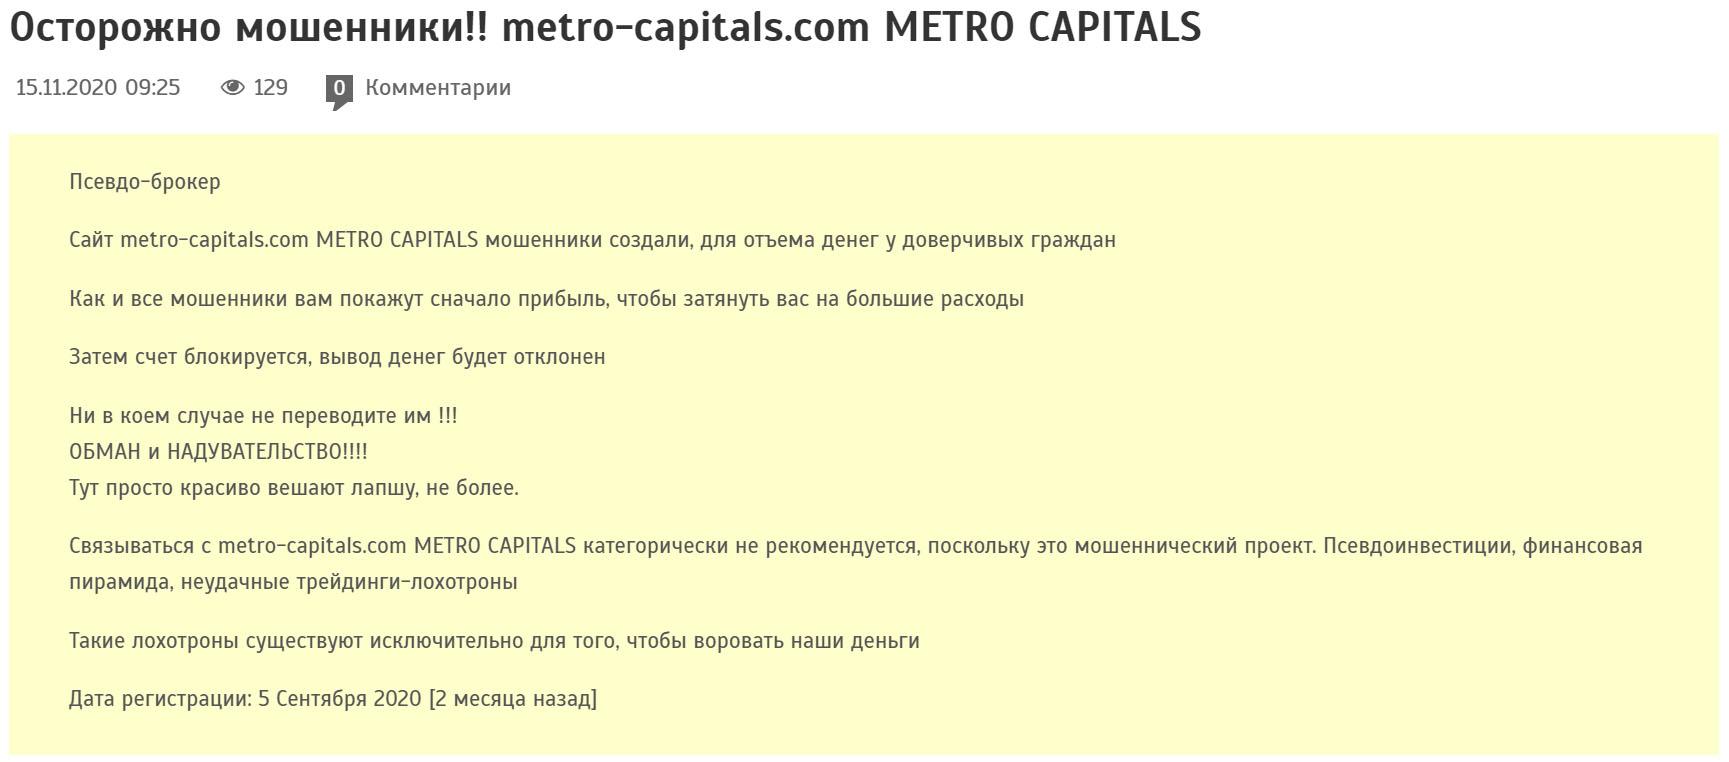 Обзор на брокерскую компанию Metro Capitals. Будьте бдительны – это мошенники!